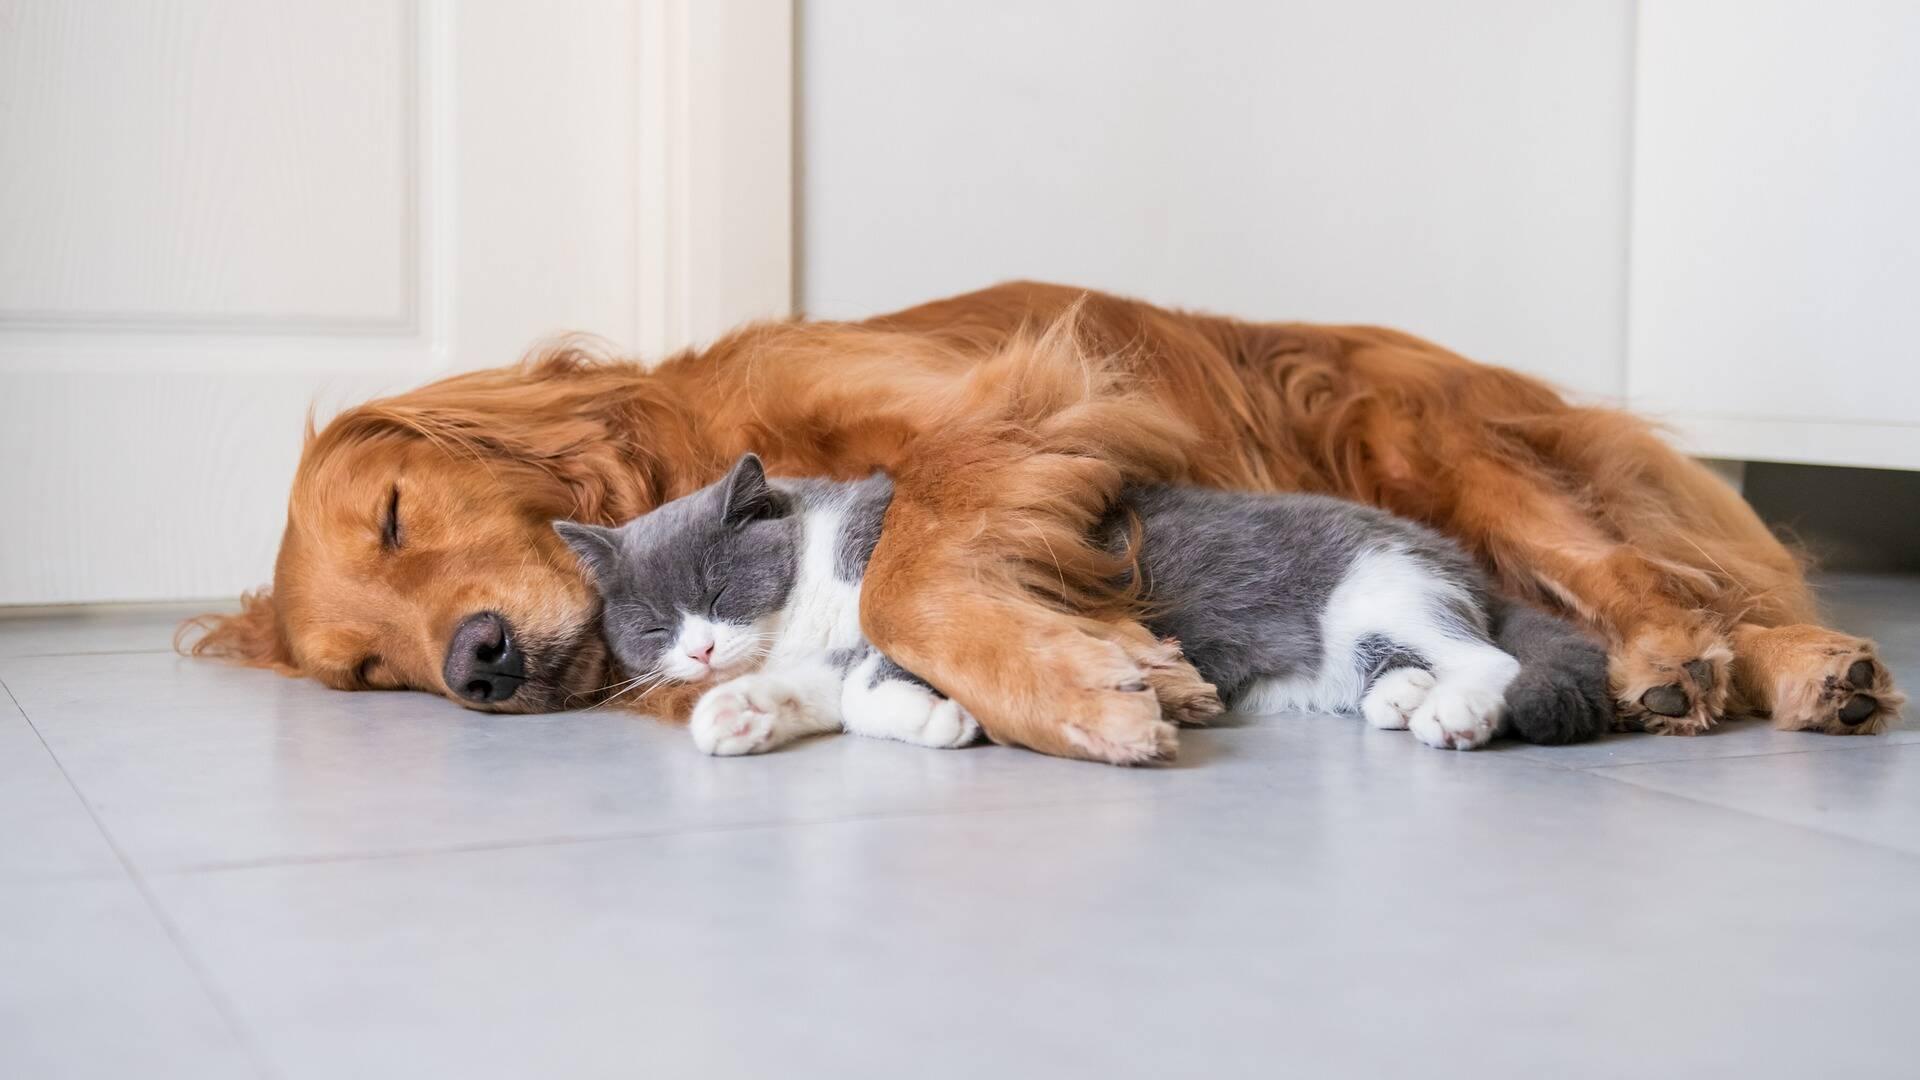 Cientistas descobrem feromônios que facilitam a amizade entre cães e gatos